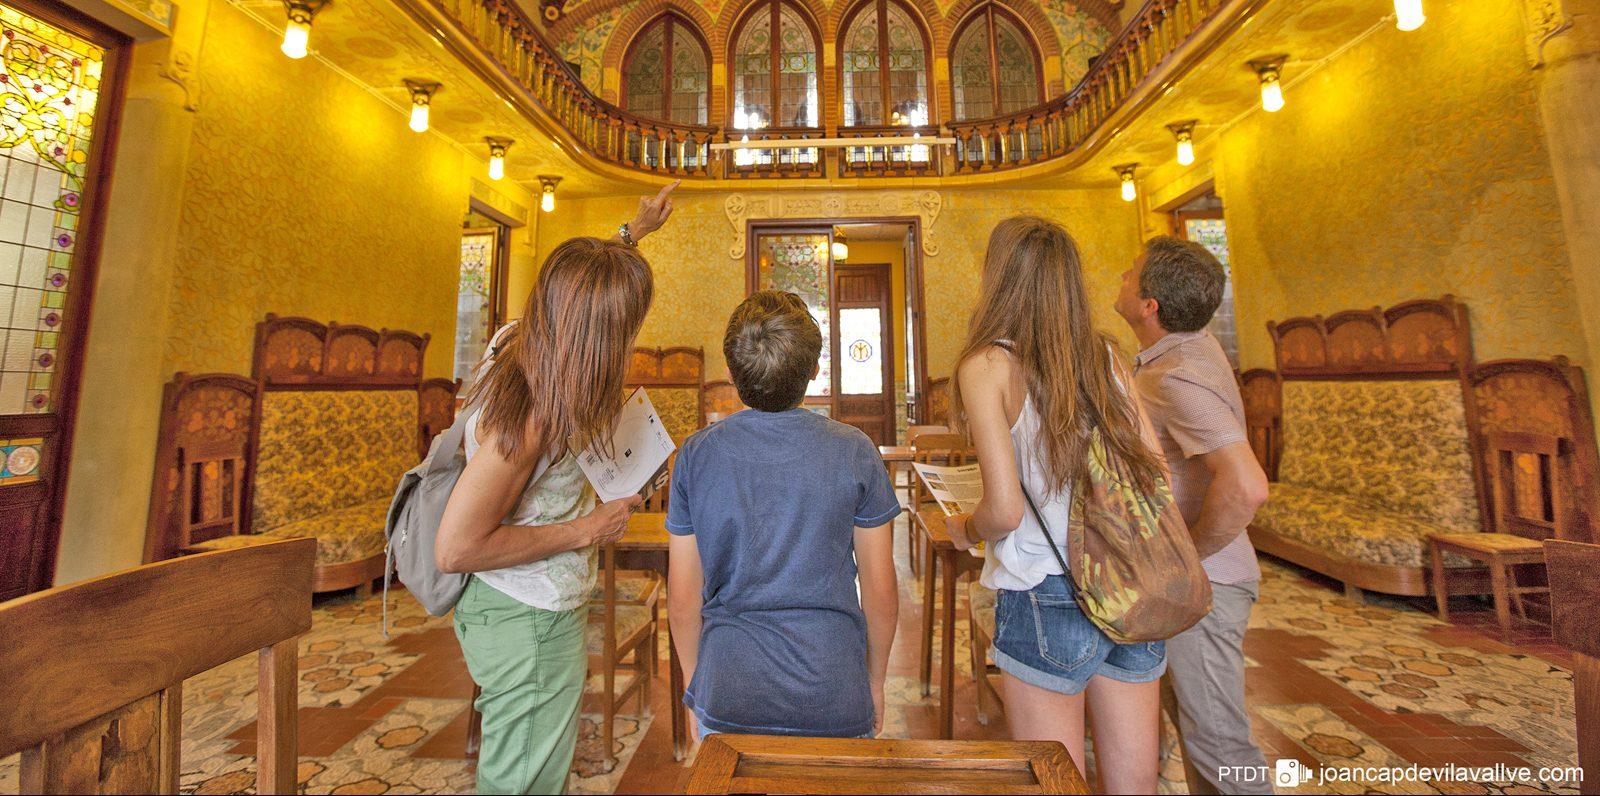 Musées et expositions en famille